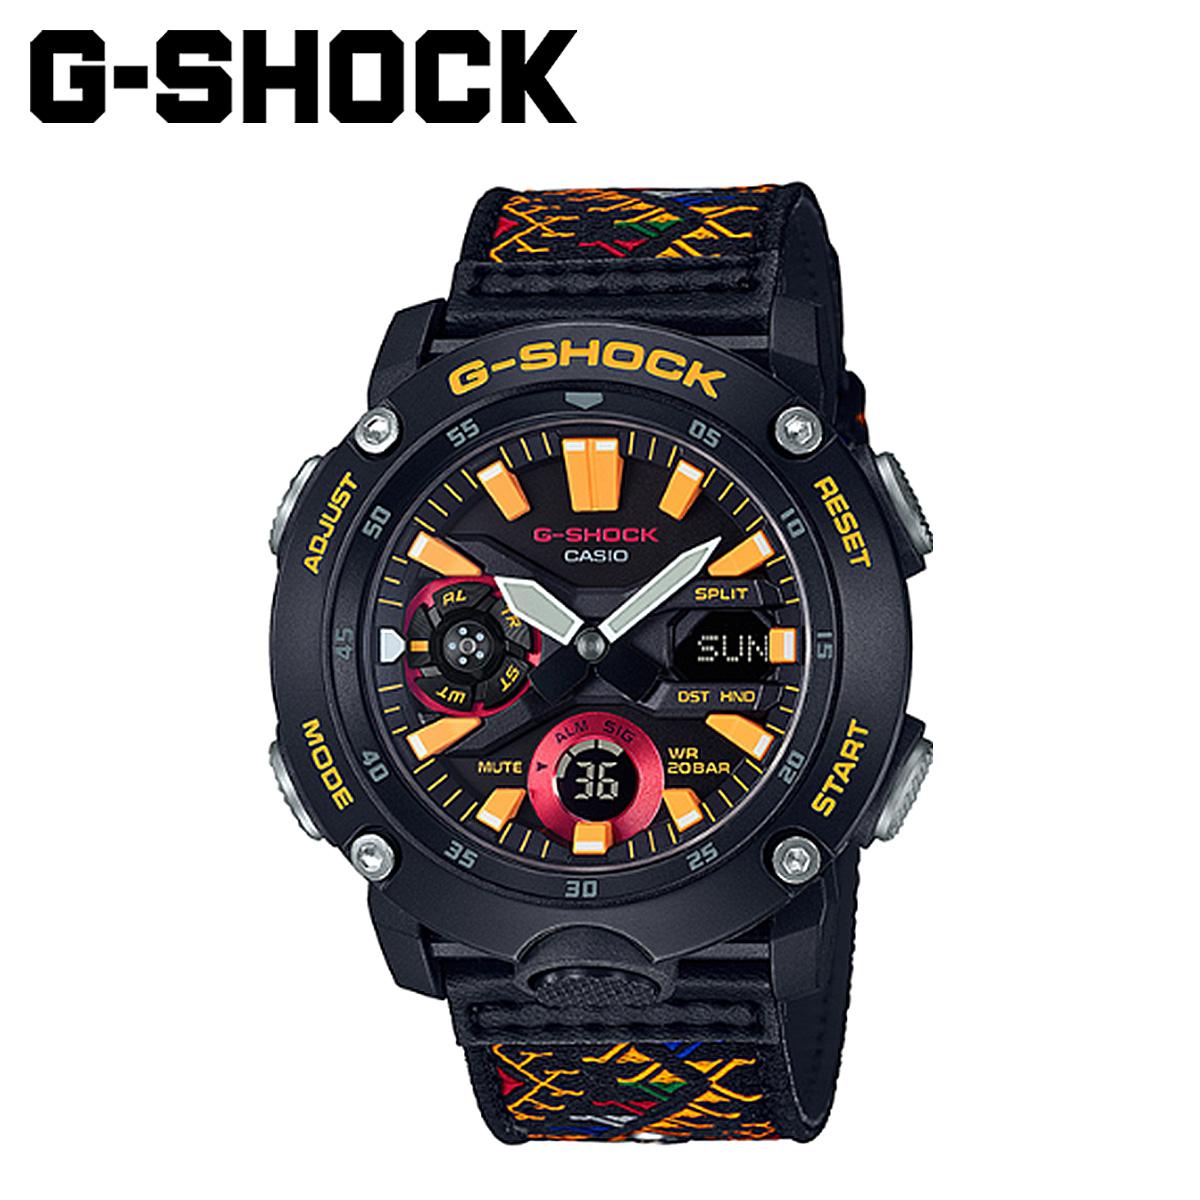 CASIO カシオ G-SHOCK 腕時計 GA-2000BT-1AJR カーボンコアガード ブータン王国 ジーショック Gショック G-ショック メンズ レディース ブラック 黒